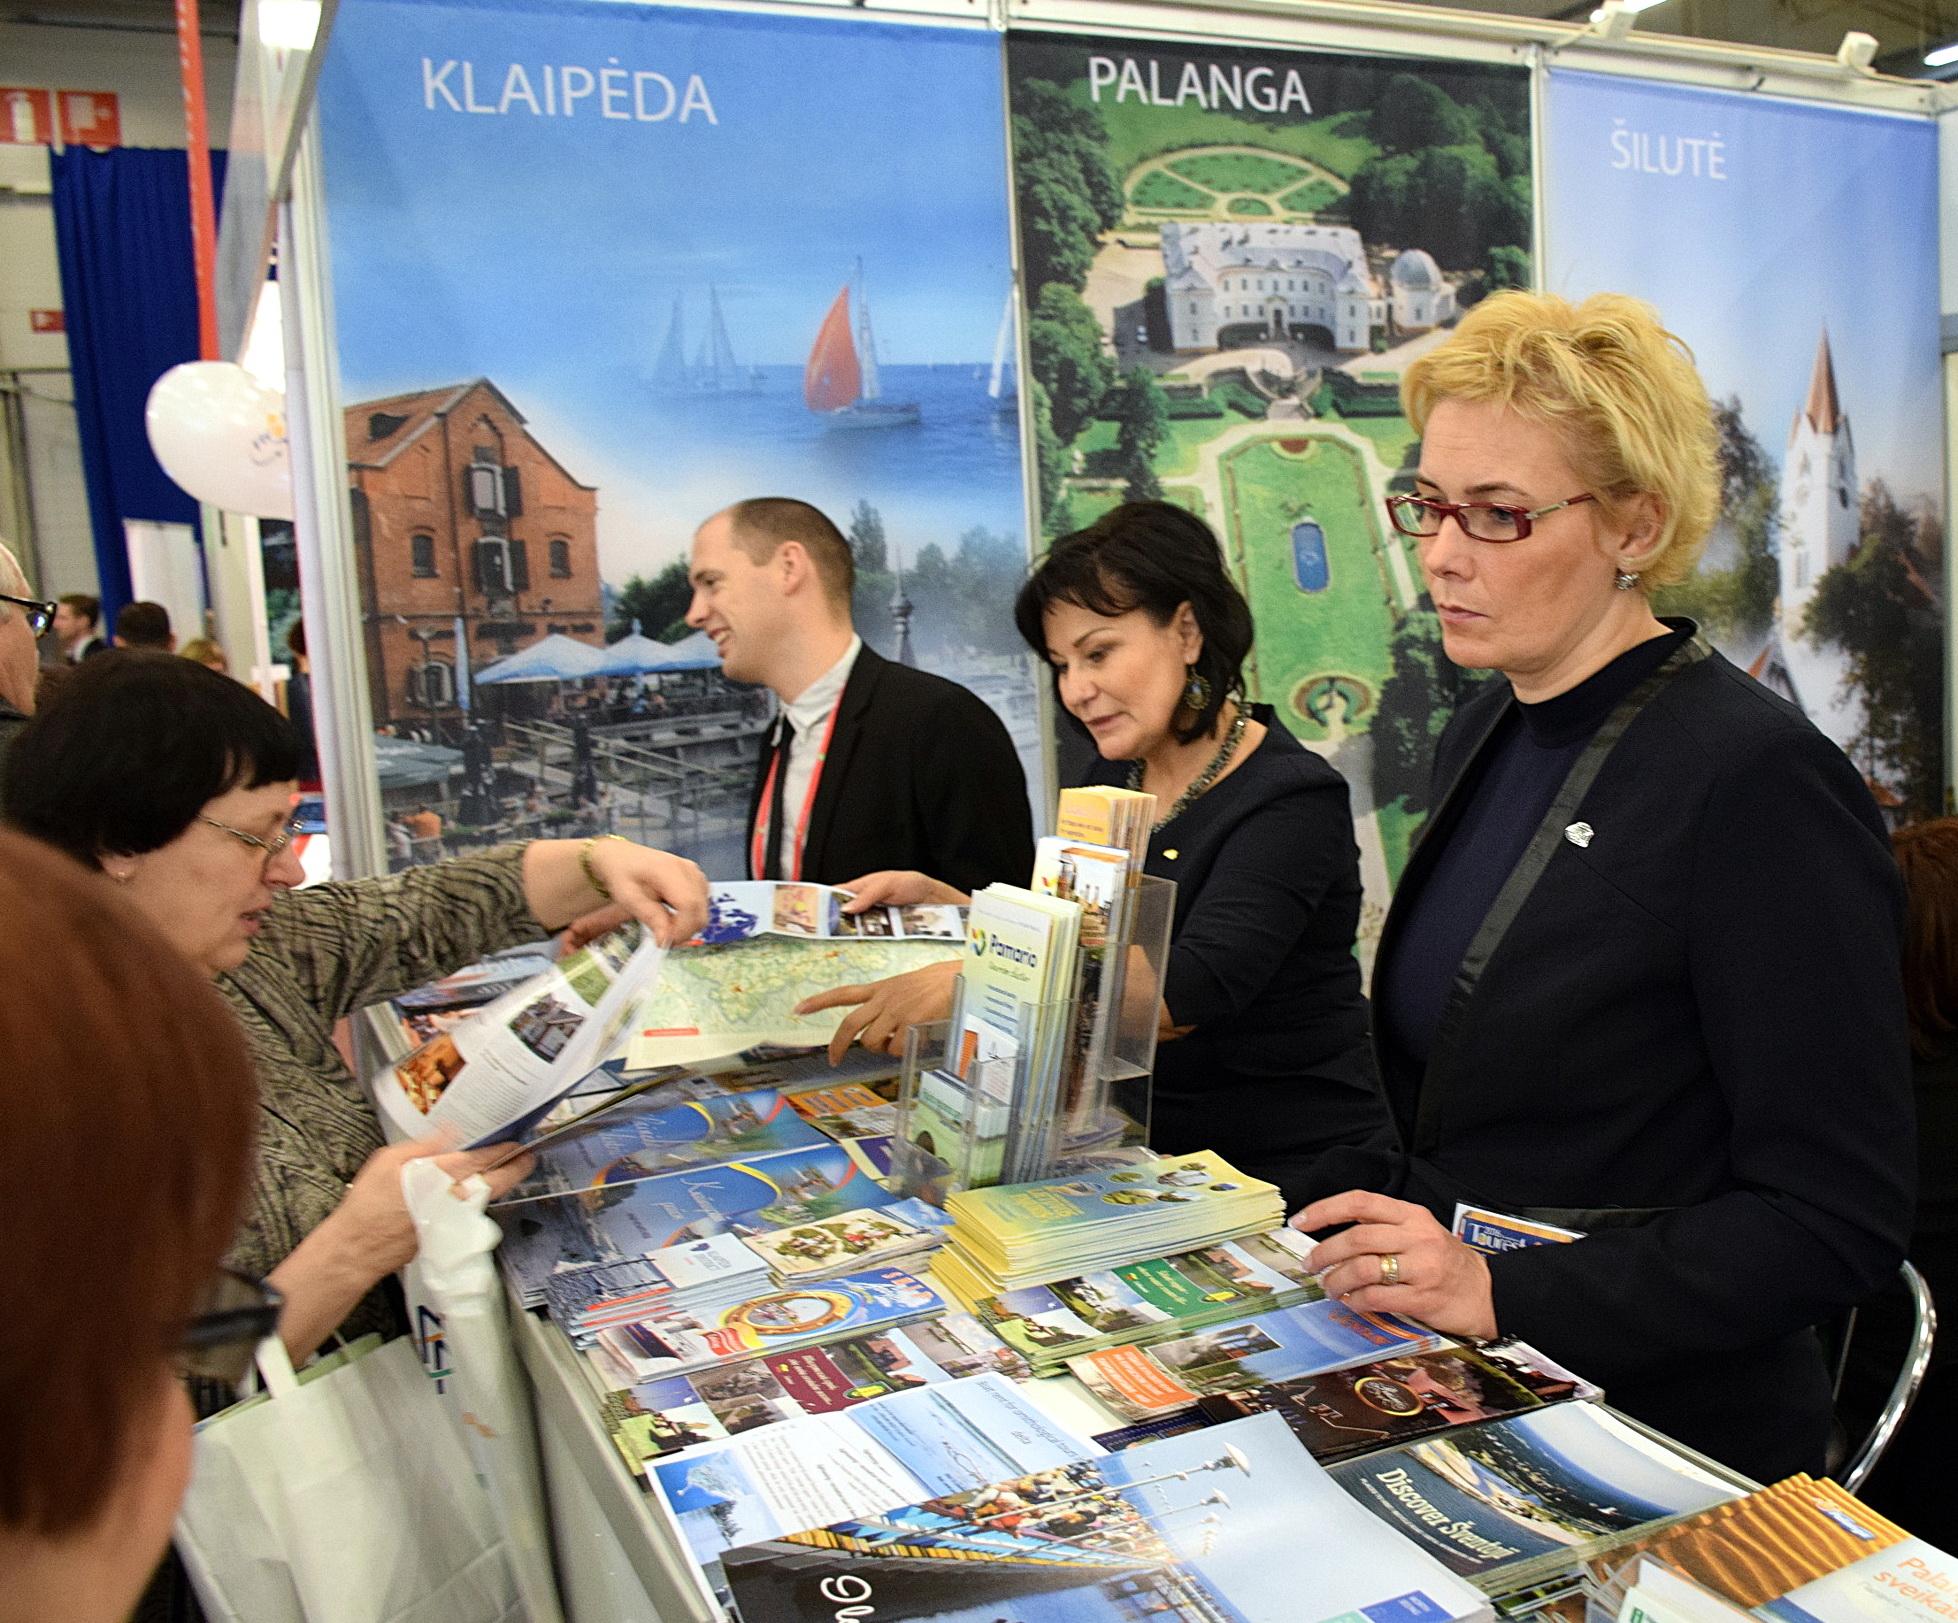 Šiemet VšĮ Šilutės turizmo informacijos centras dalyvavo 15-oje tarptautinių parodų. Nuotraukoje (dešinėje) Šilutės turizmo ir informacijos centro vadovė Rasa Kmitienė prie Vakarų Lietuvos stendo Prahoje vykusioje tarptautinėje parodoje.